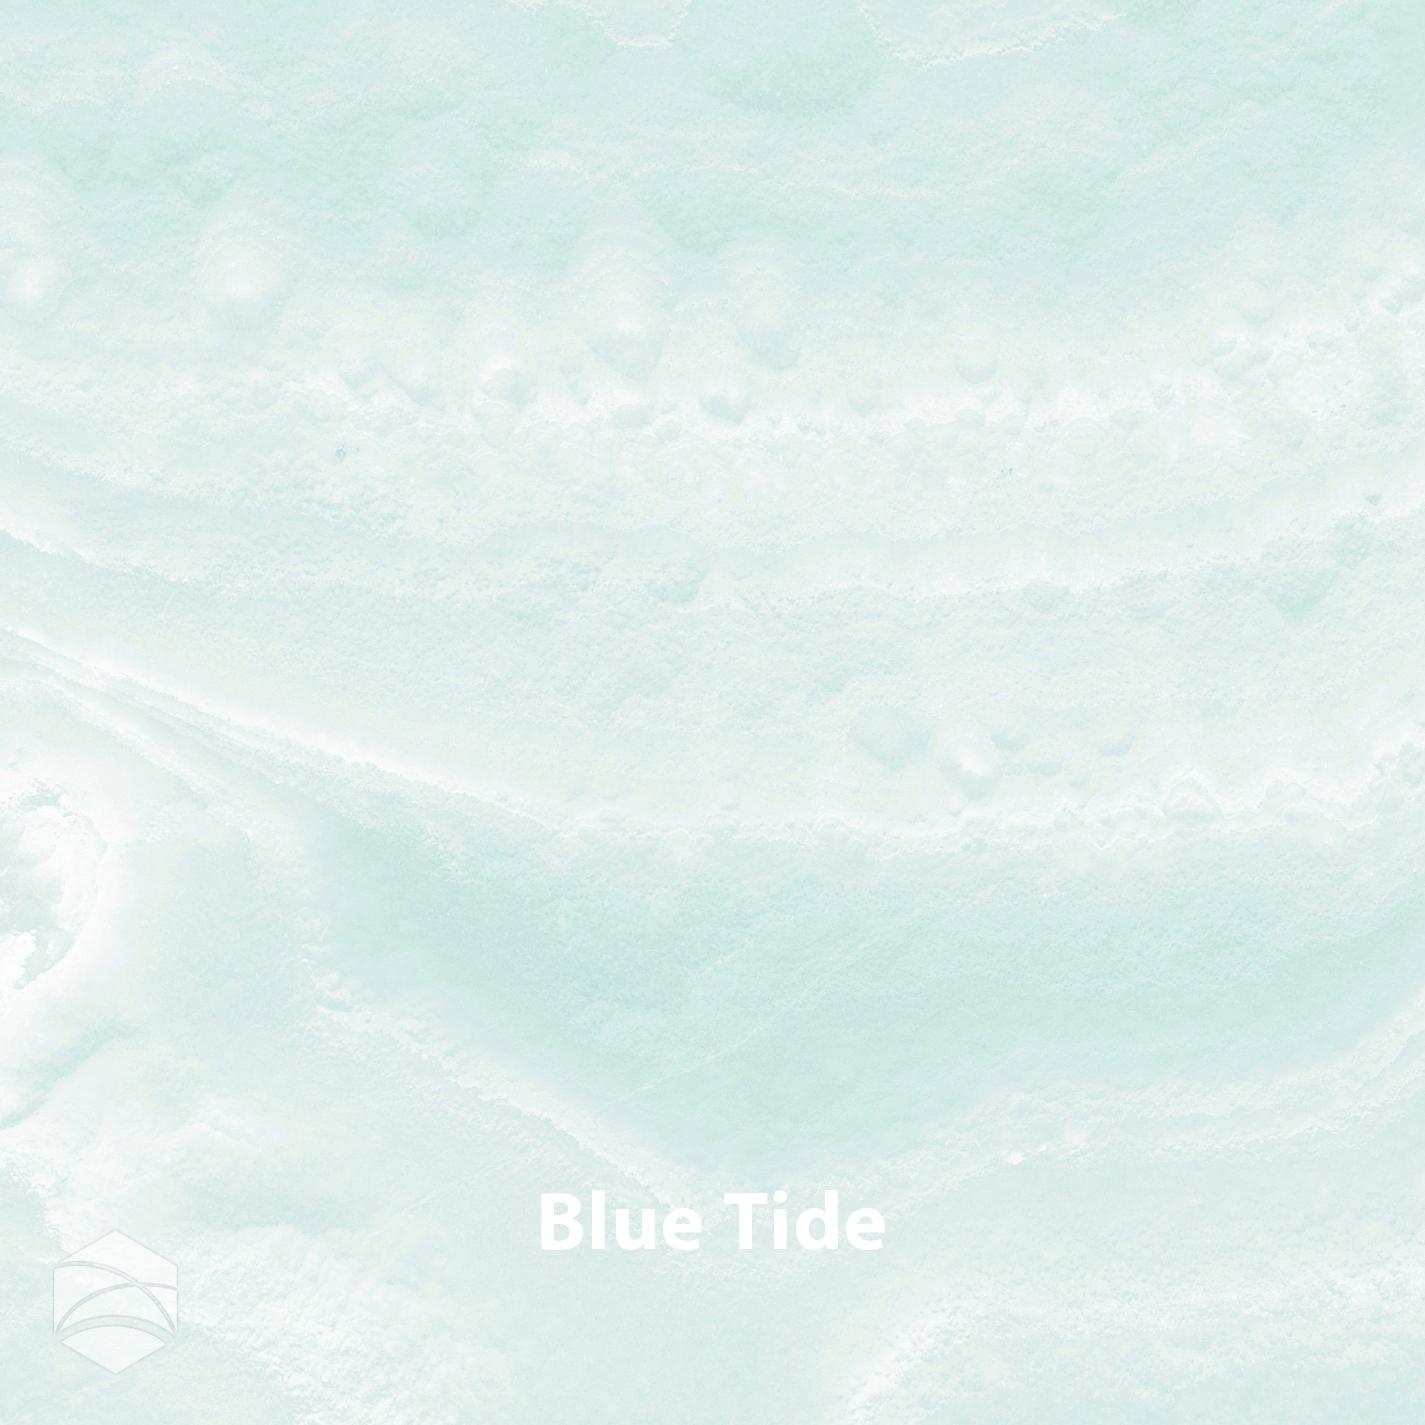 Blue Tide_V2_14x14.jpg